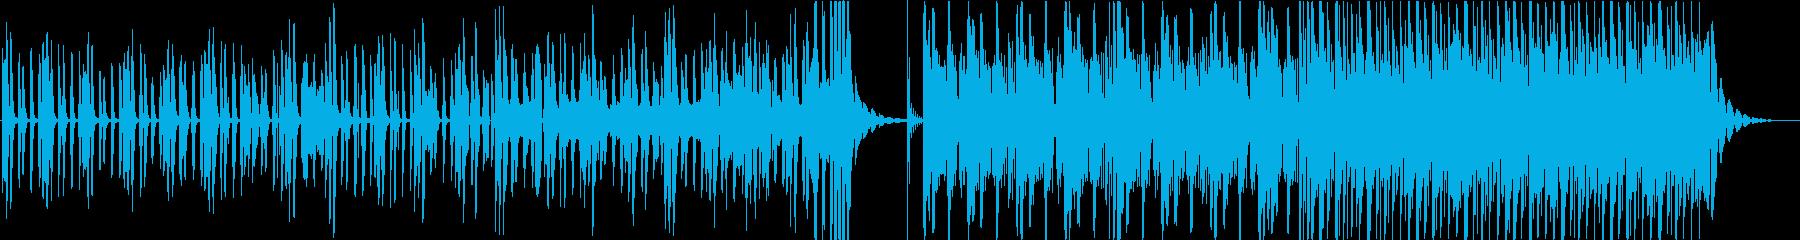 不思議で明るいピアノインストの再生済みの波形